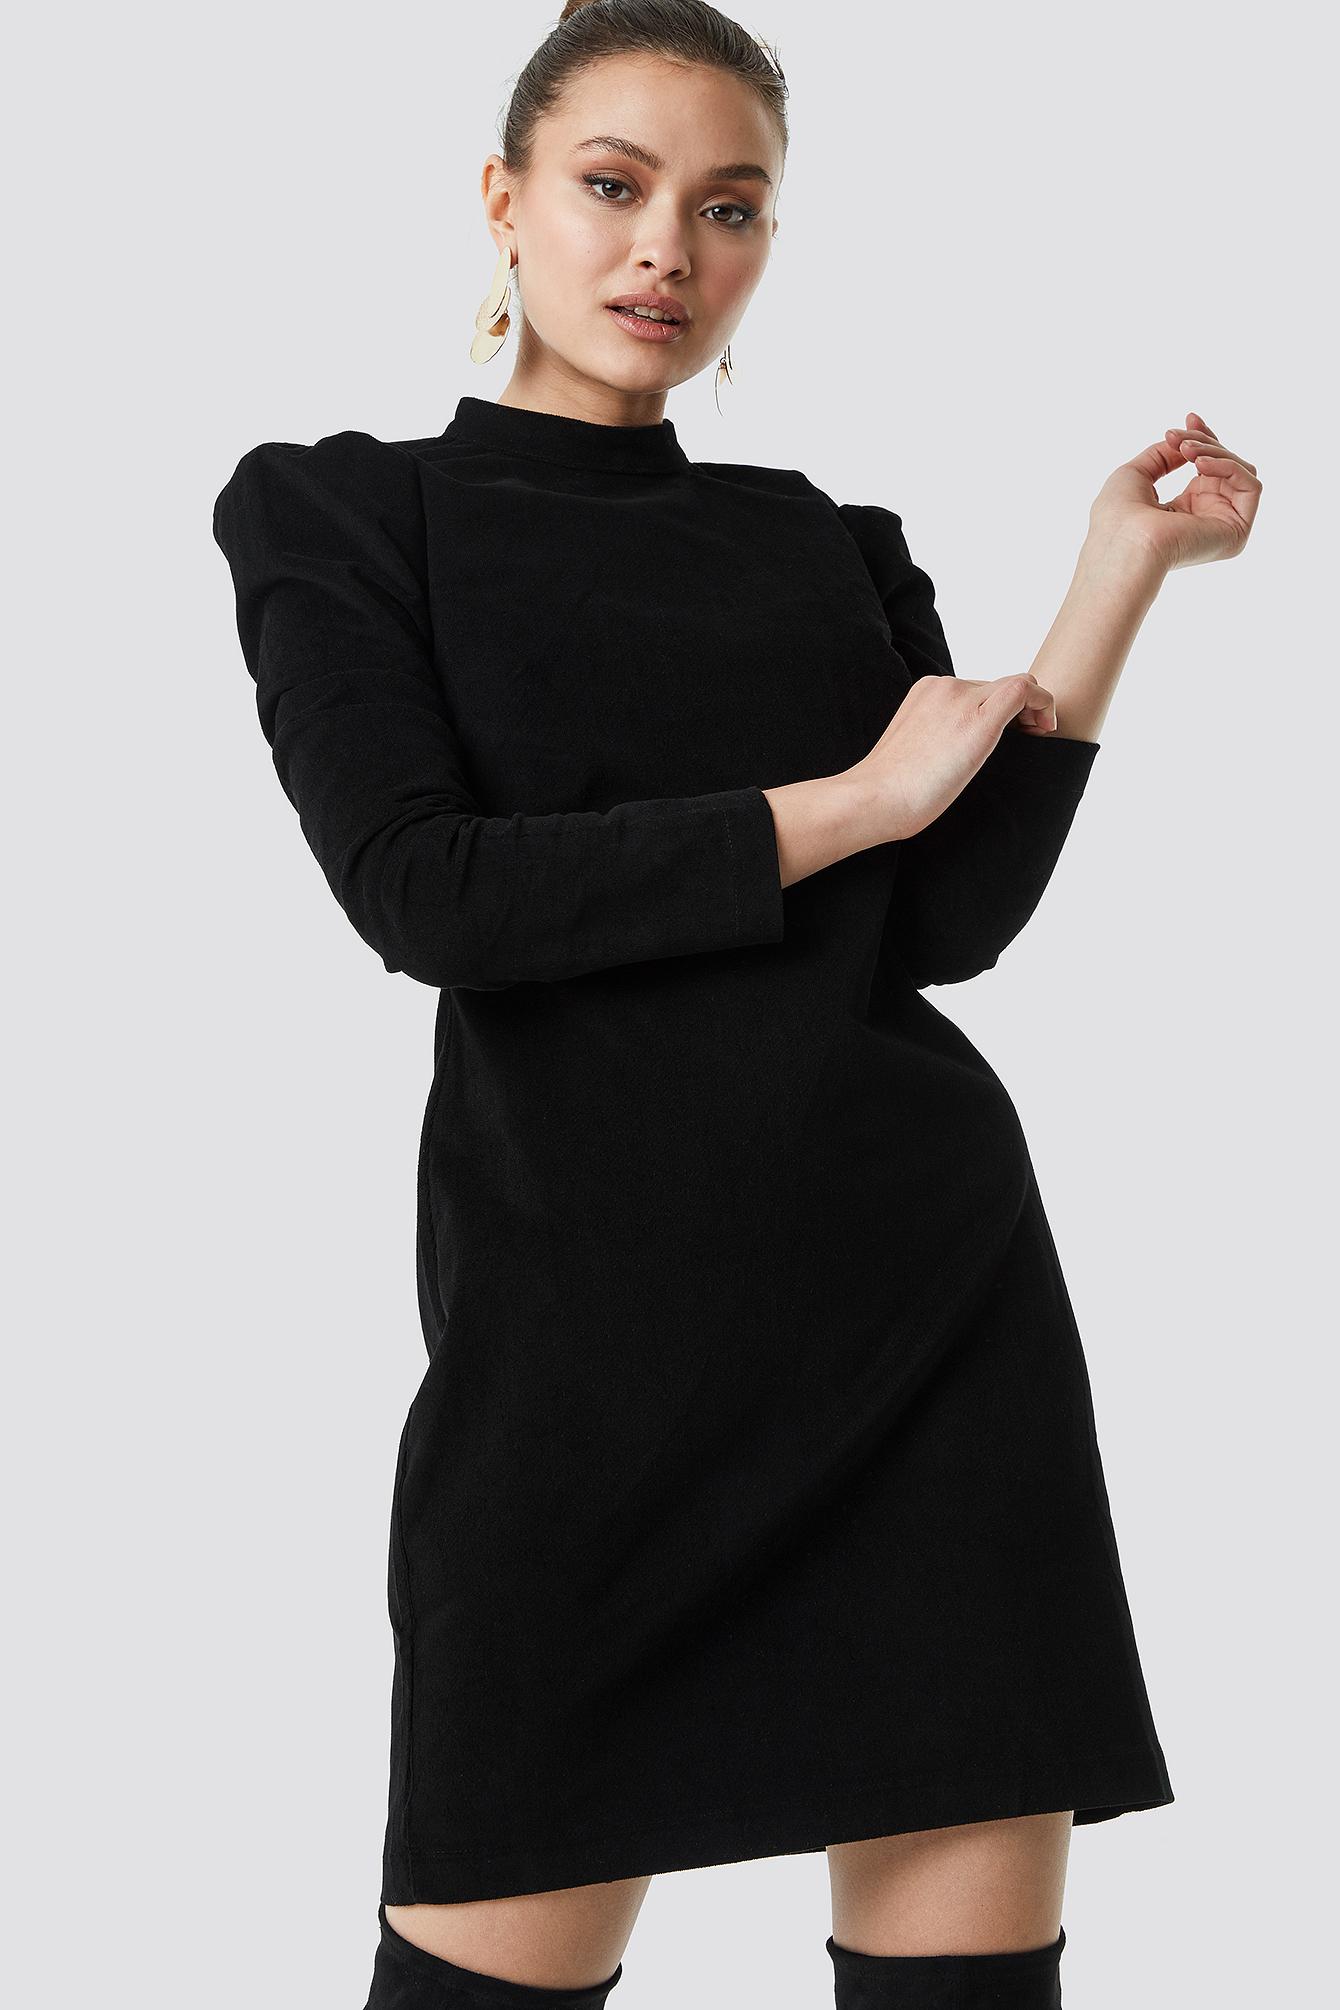 Milla Velvet Mini Dress Black by Trendyol